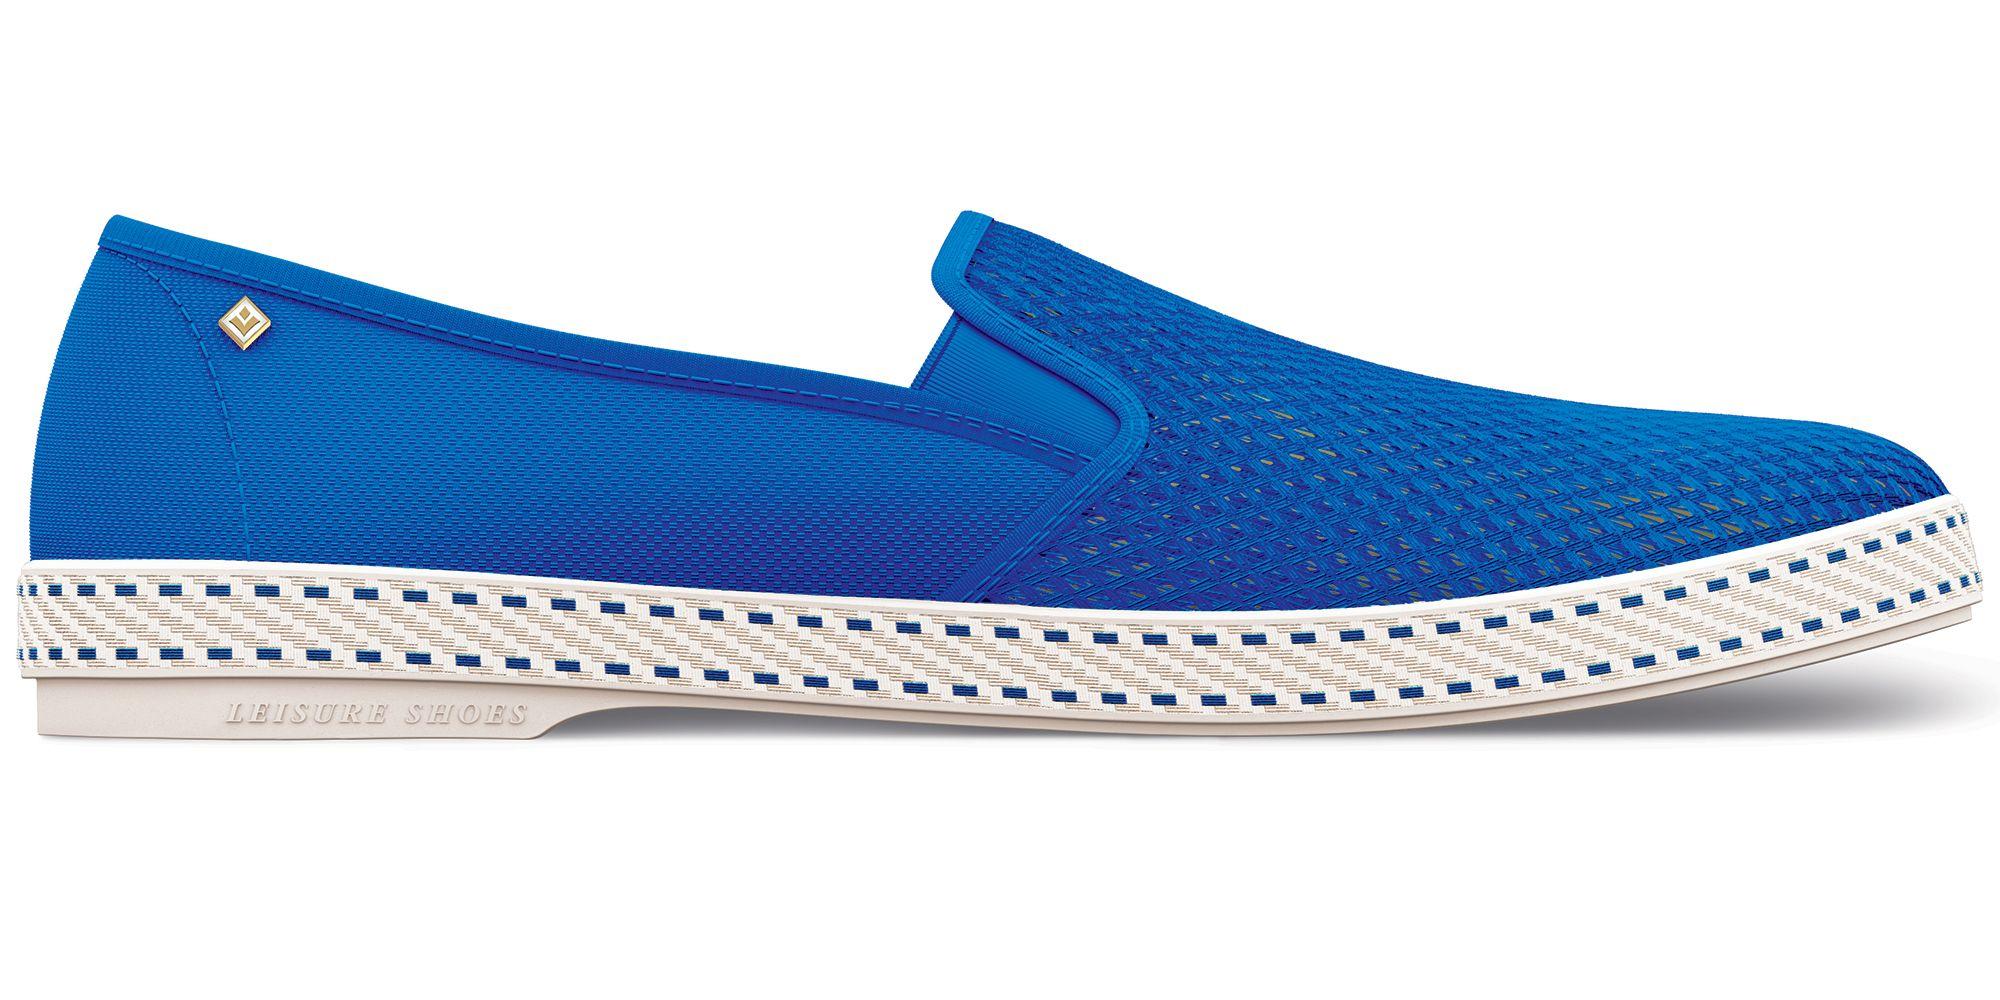 official photos 3ce4f 7781e Le scarpe da barca perfette per l'estate